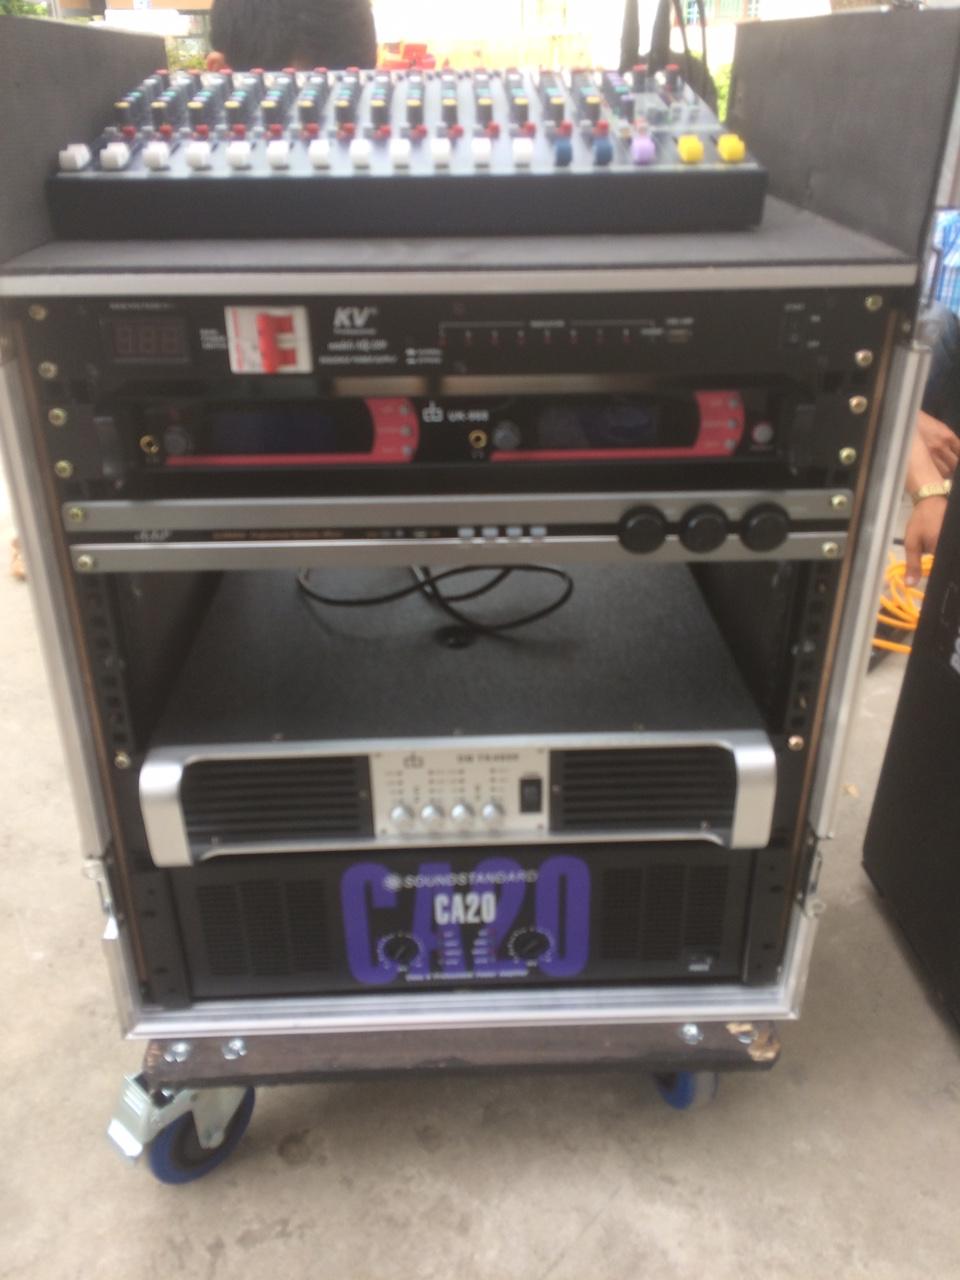 Hệ thống xử lý trung tâm, cục đẩy, vang số, micro, auto nguồn,...